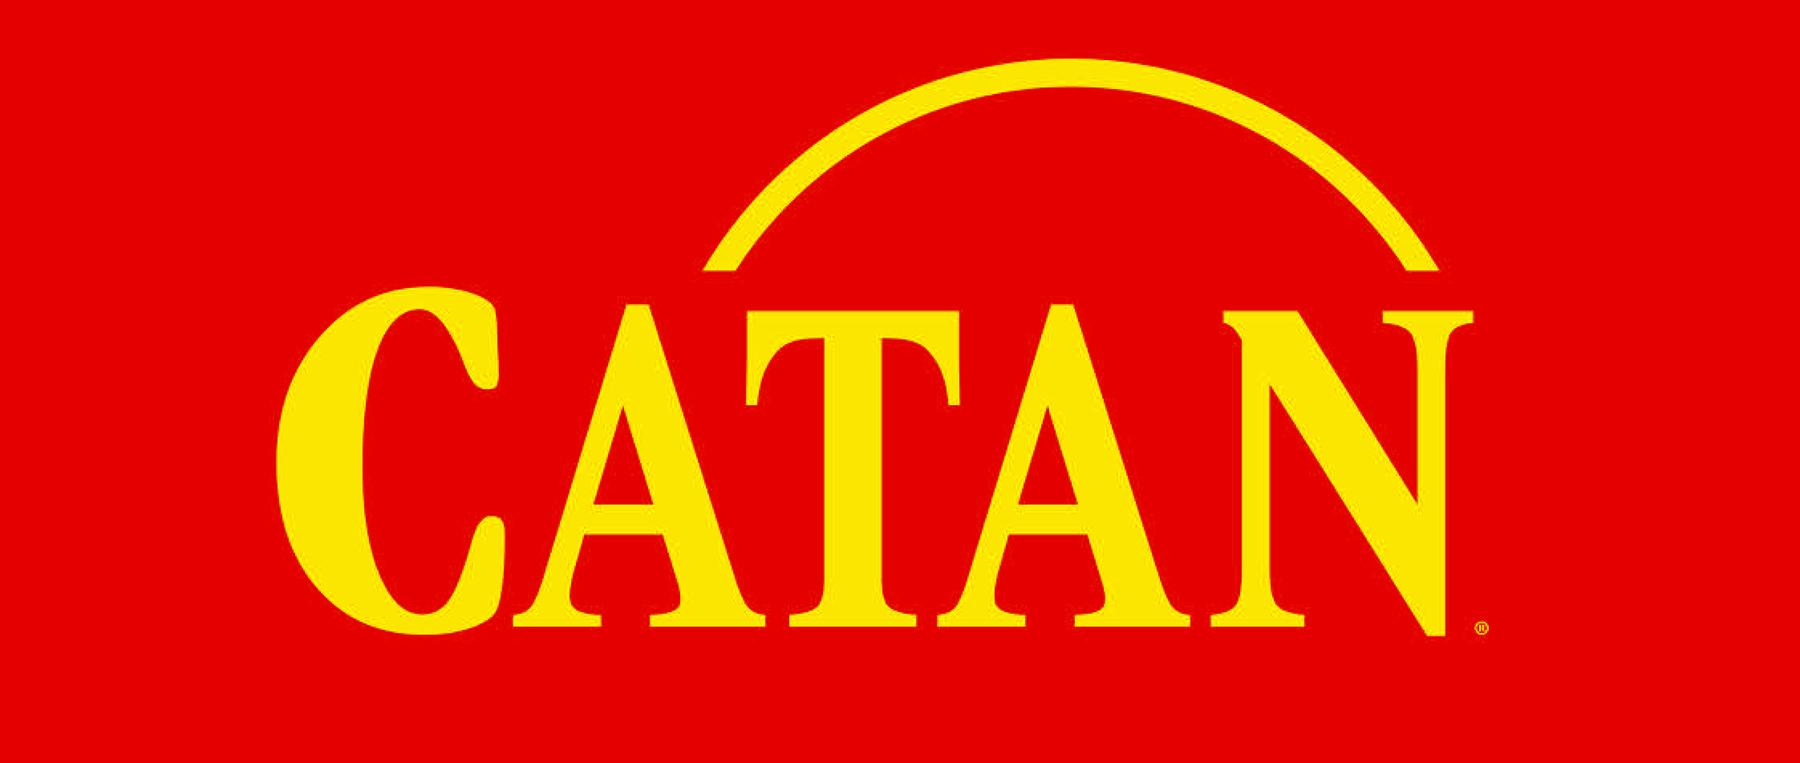 catan-hdr.jpg